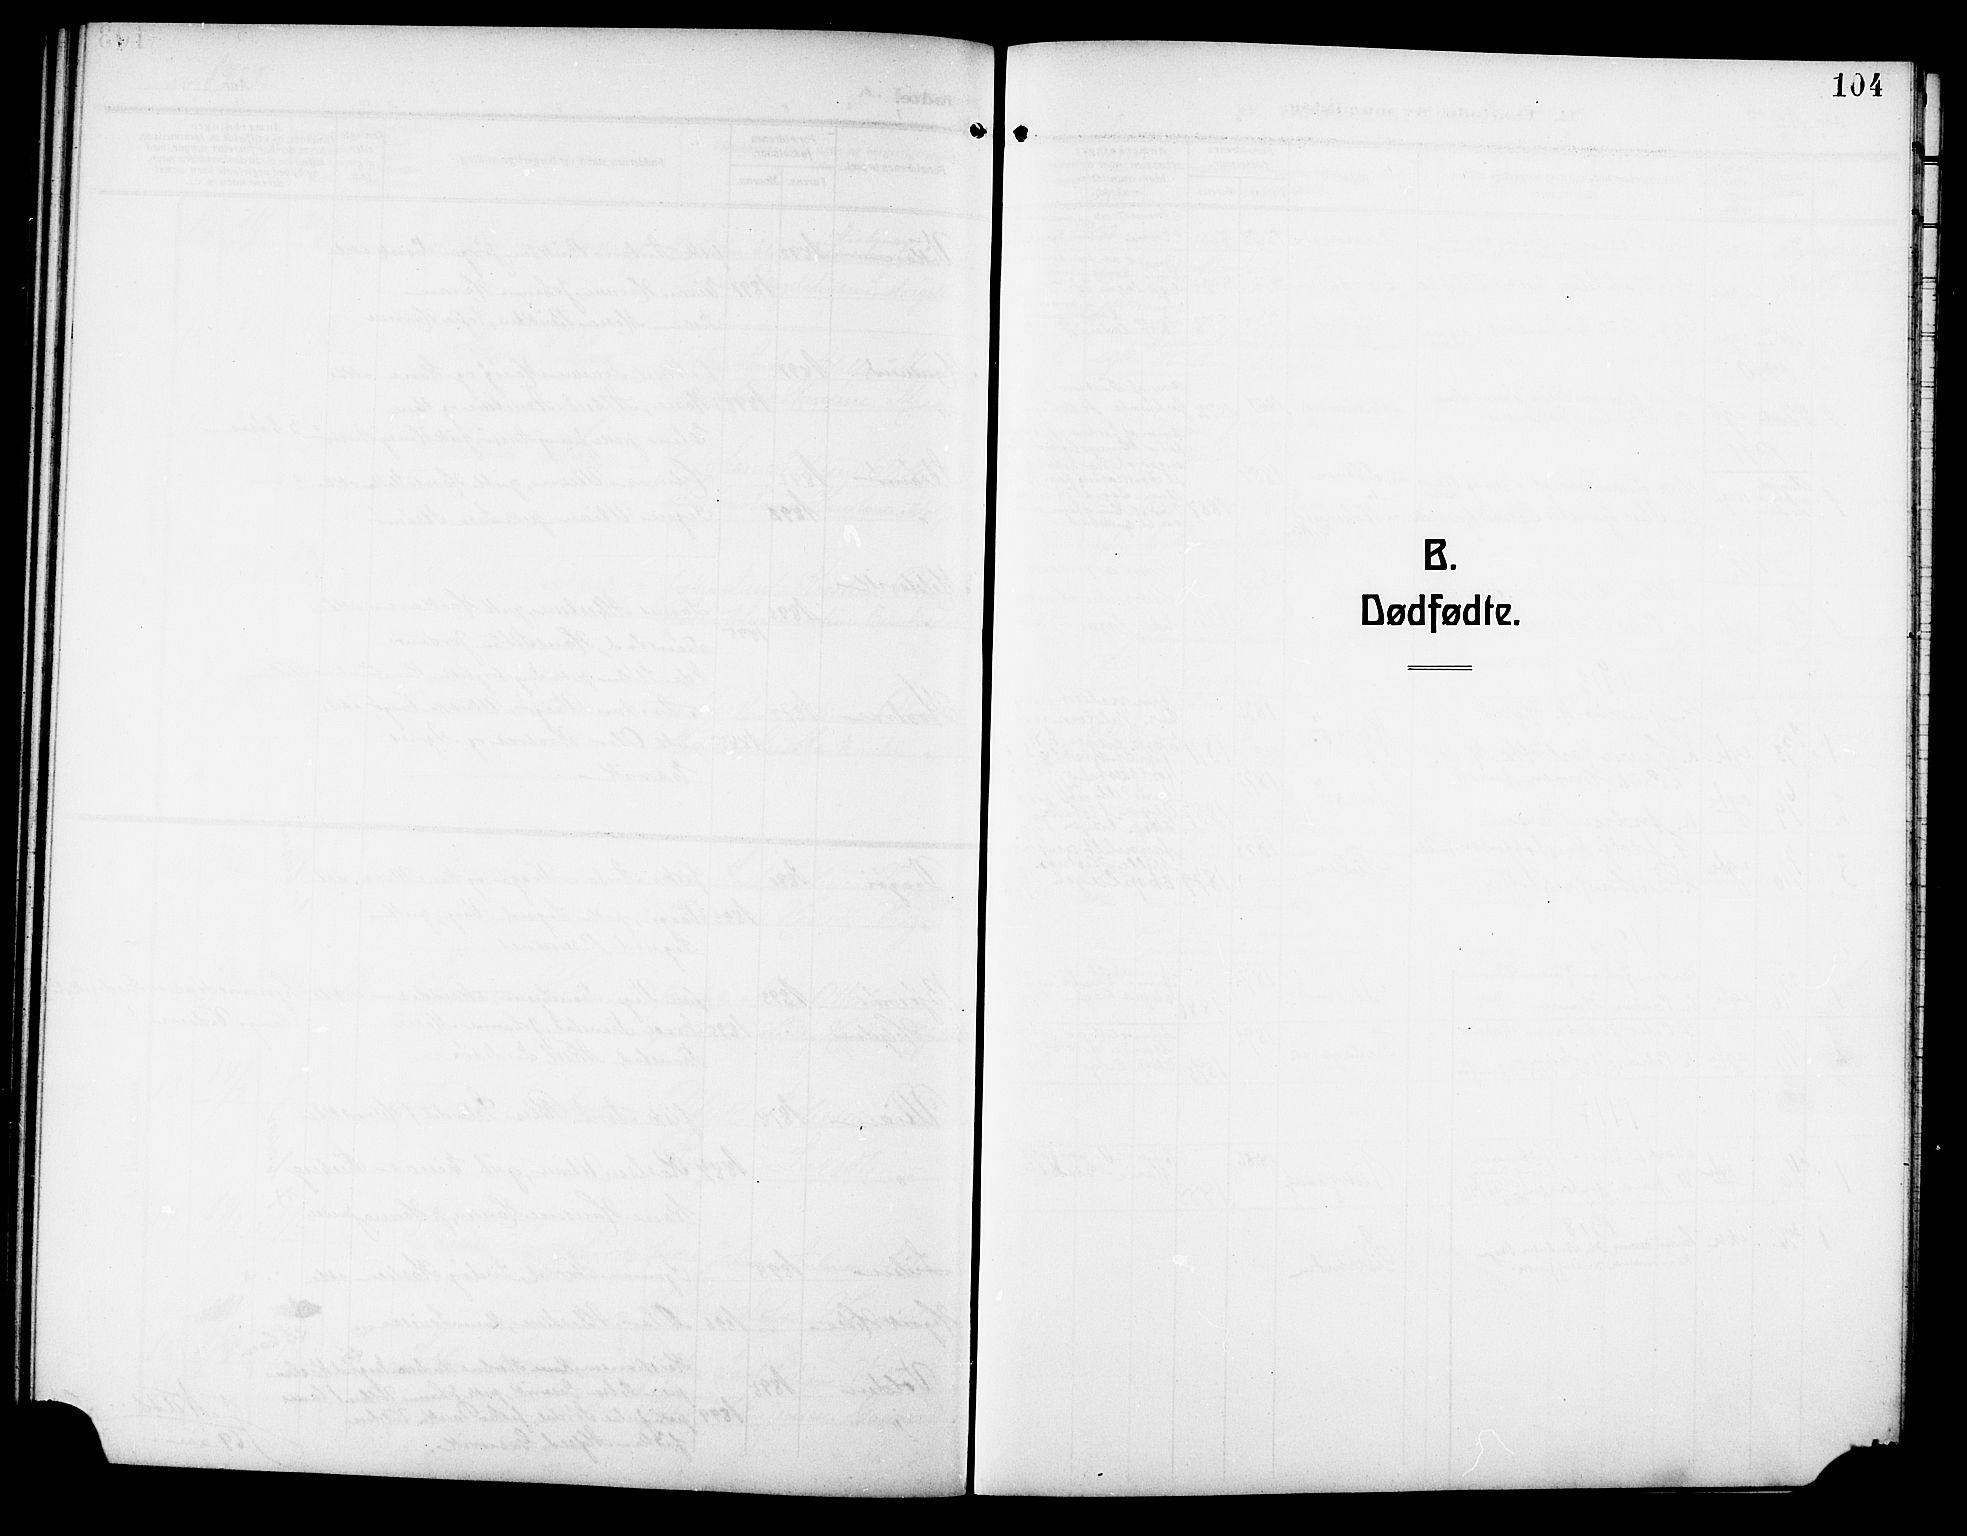 SAT, Ministerialprotokoller, klokkerbøker og fødselsregistre - Sør-Trøndelag, 640/L0588: Klokkerbok nr. 640C05, 1909-1922, s. 104